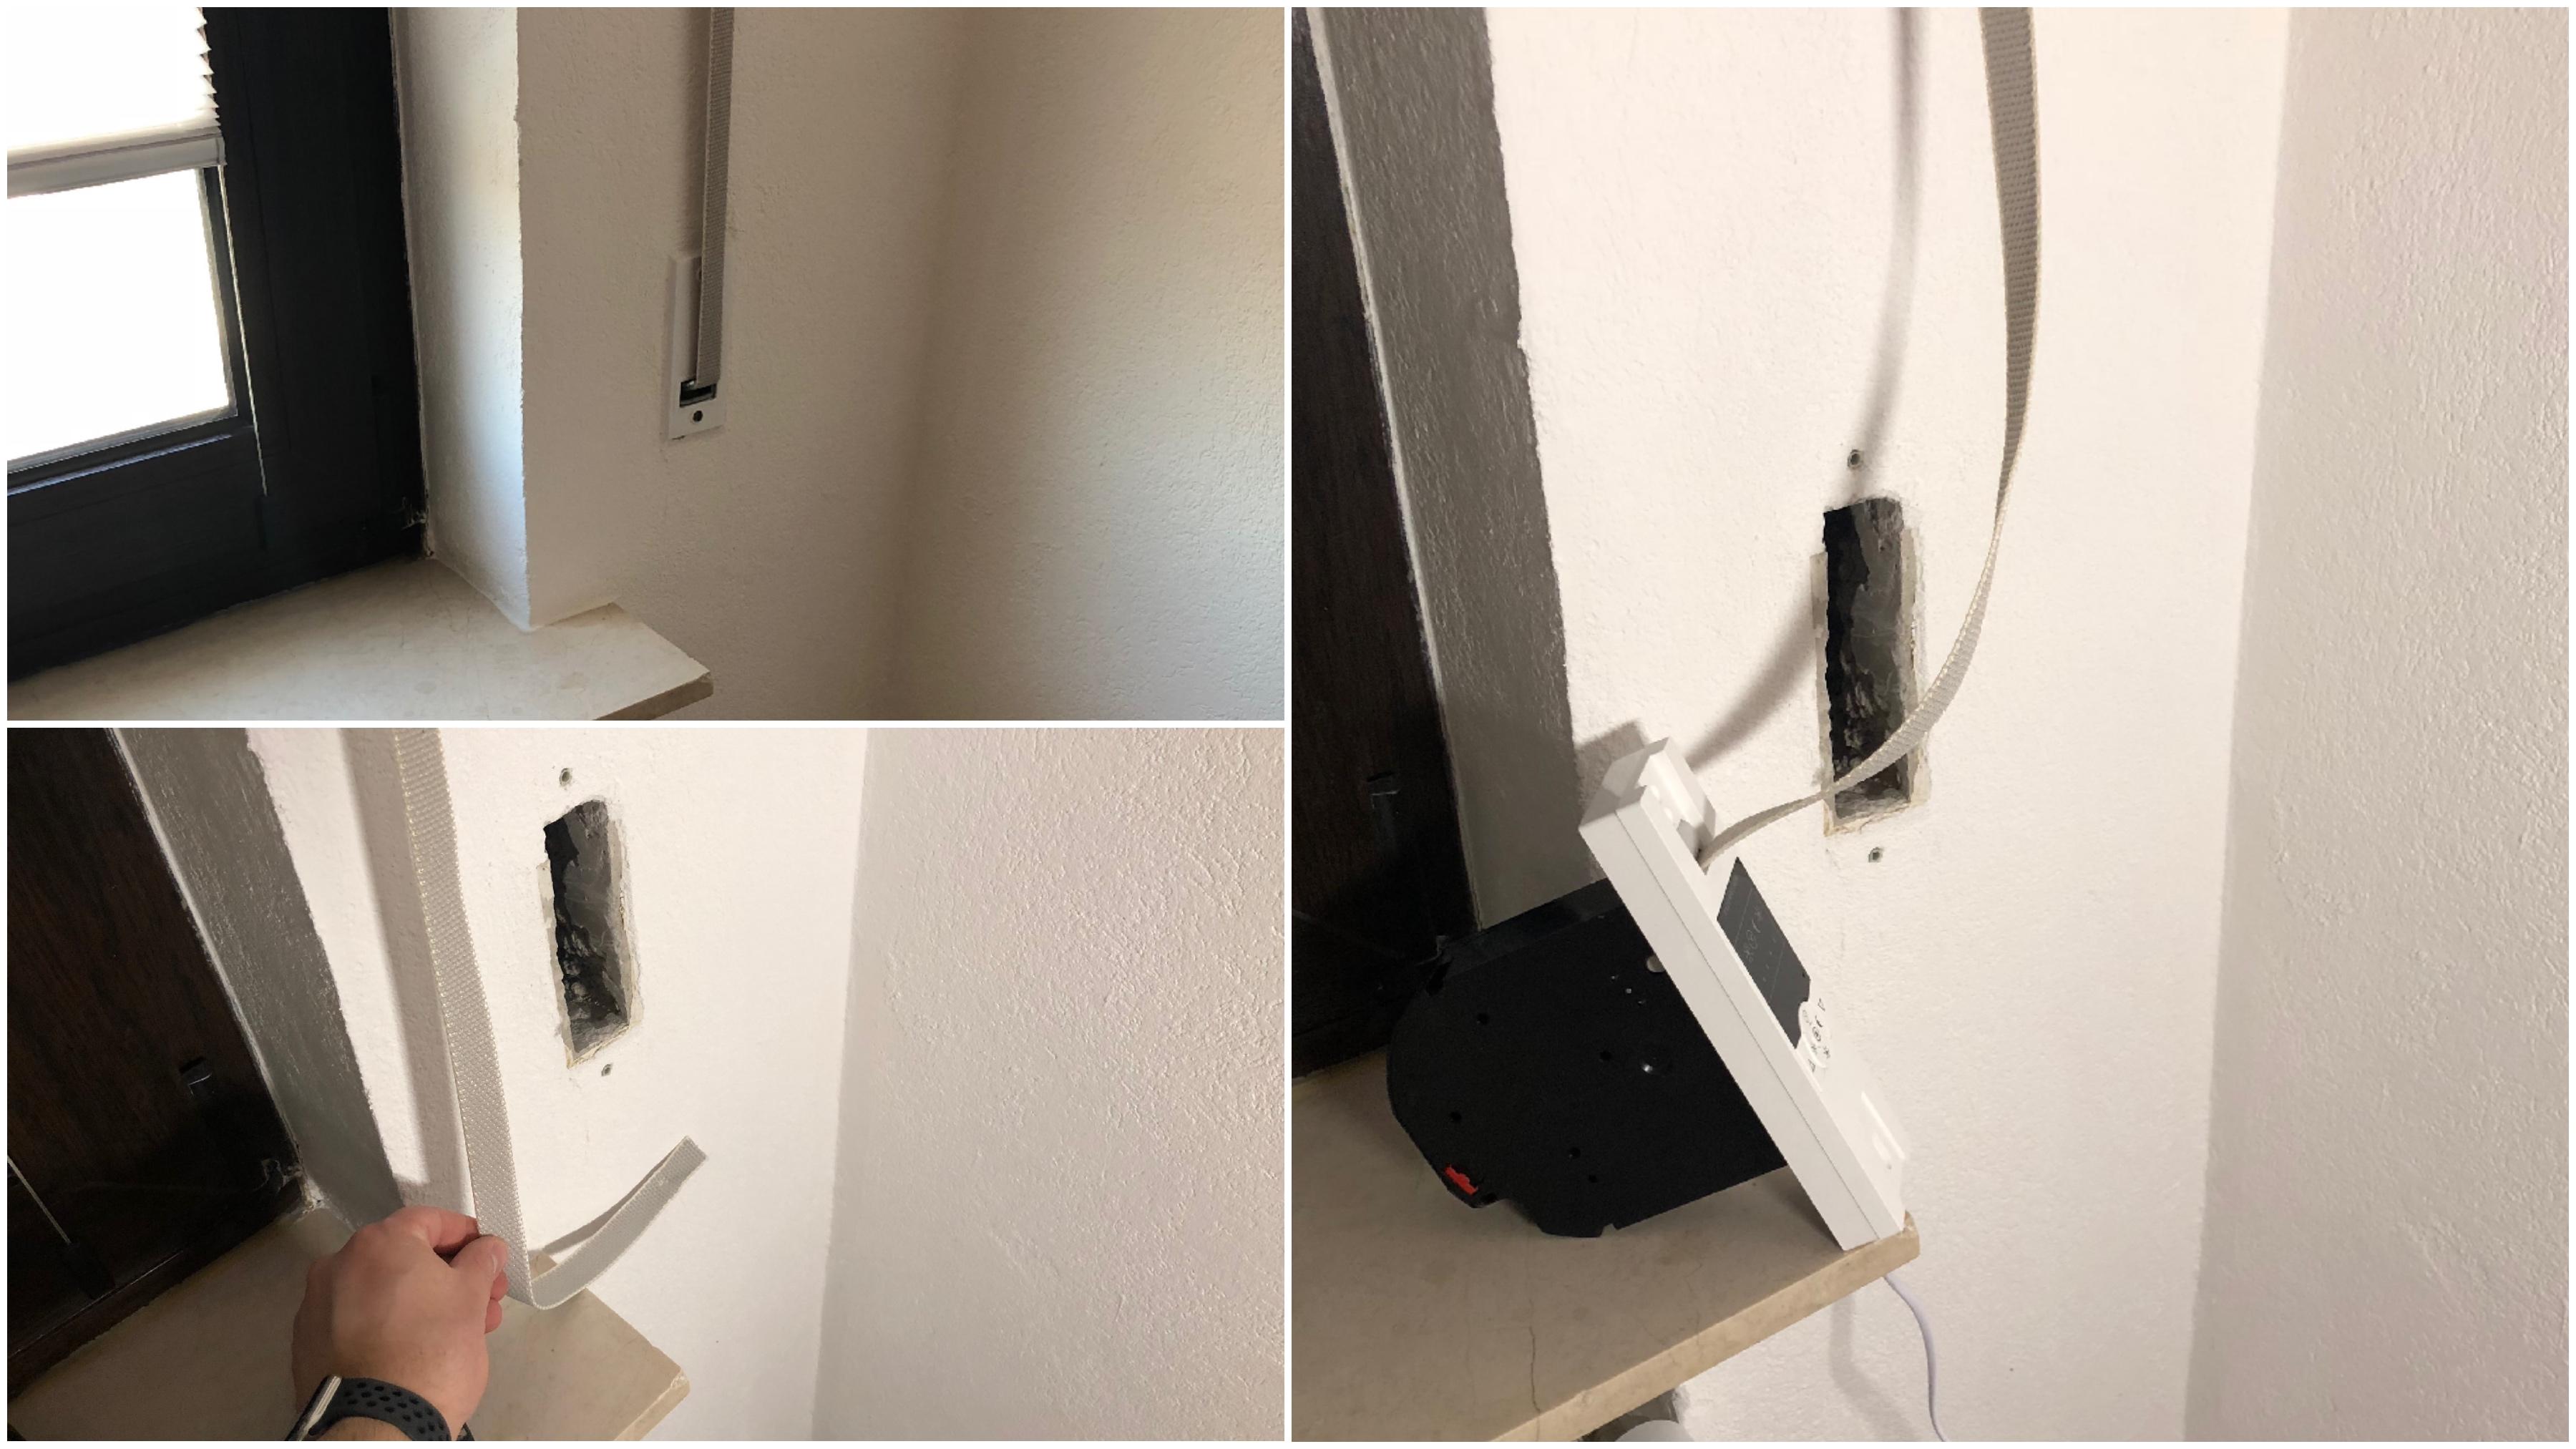 Rademacher_Gurtwickler_Collage_02 Anleitung: Rollladen mit elektrischem Gurtwickler in HomeKit nutzen